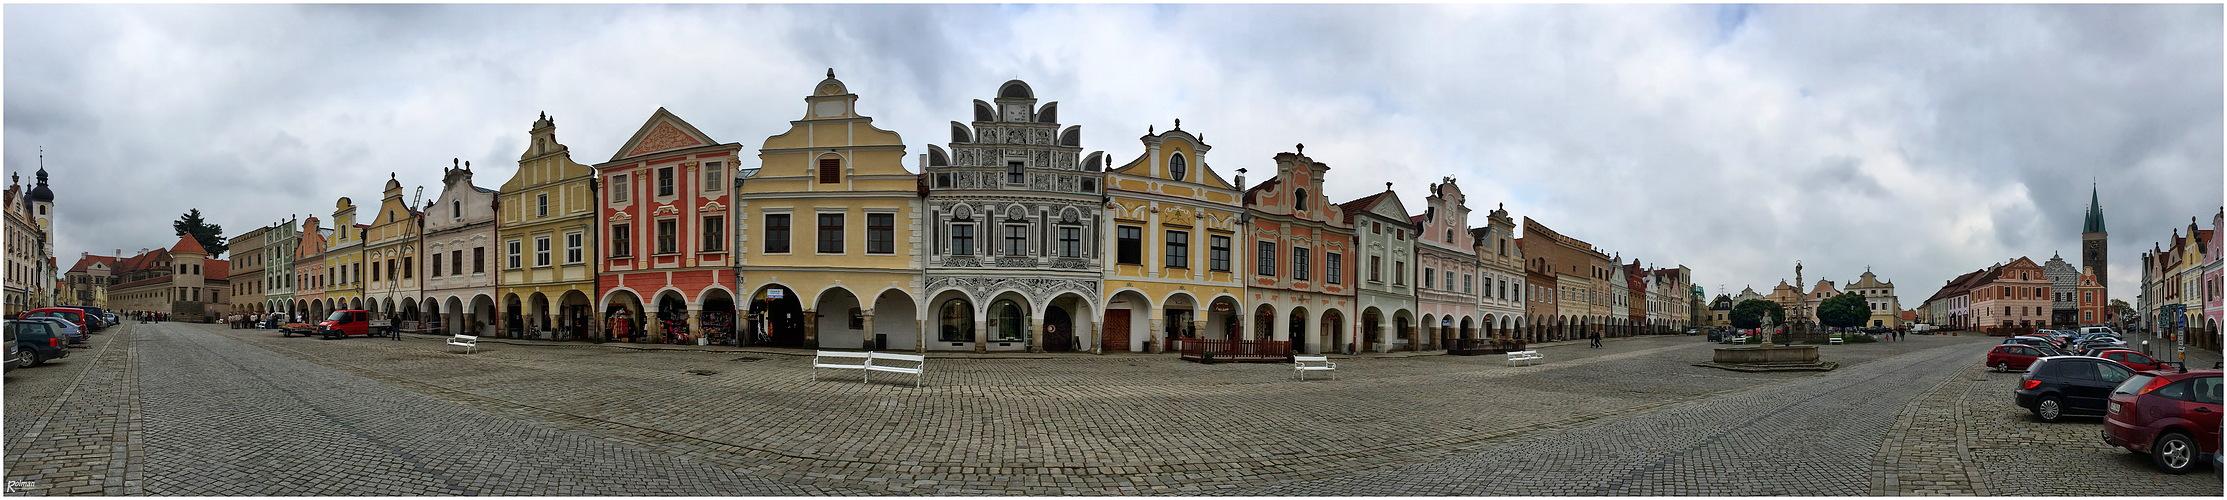 Marktplatz Teltsch (Telc) Böhmen